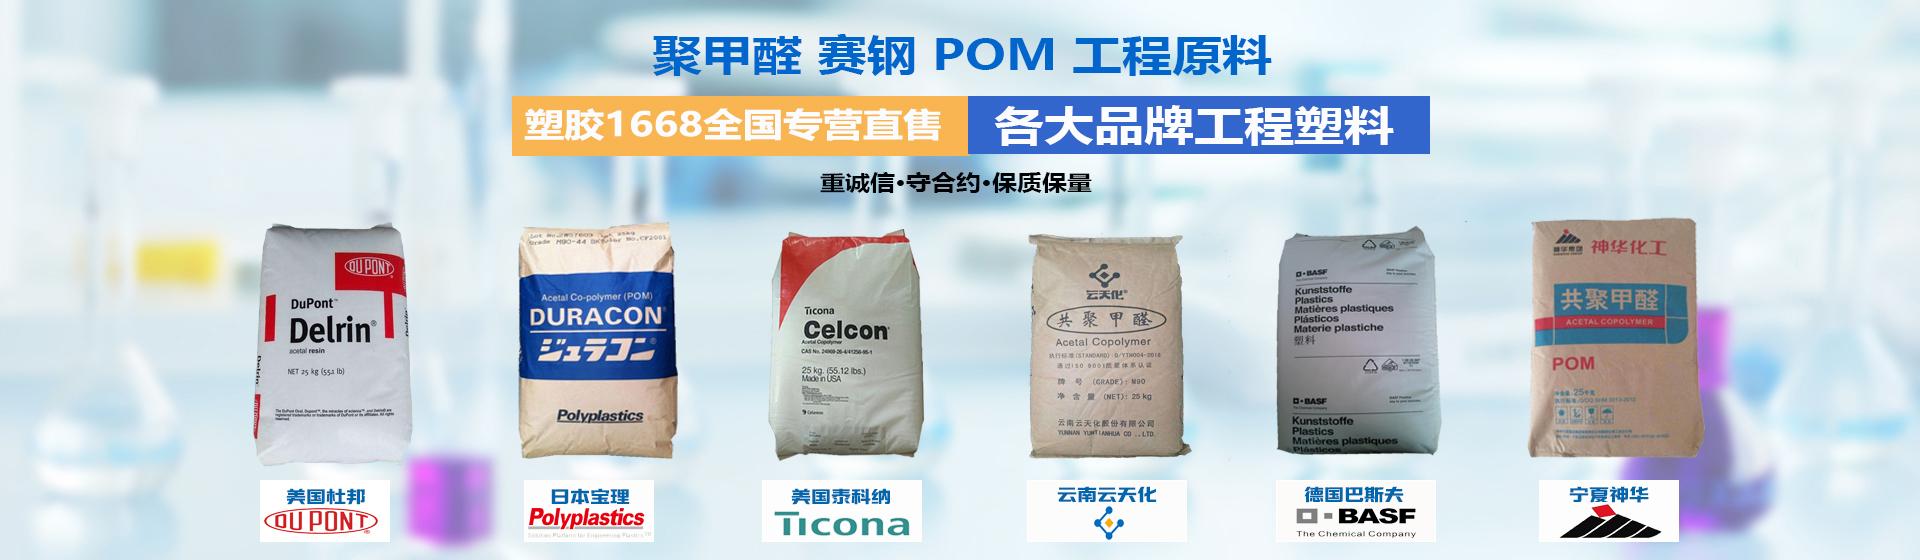 塑膠1668-15年專注pom原料銷售